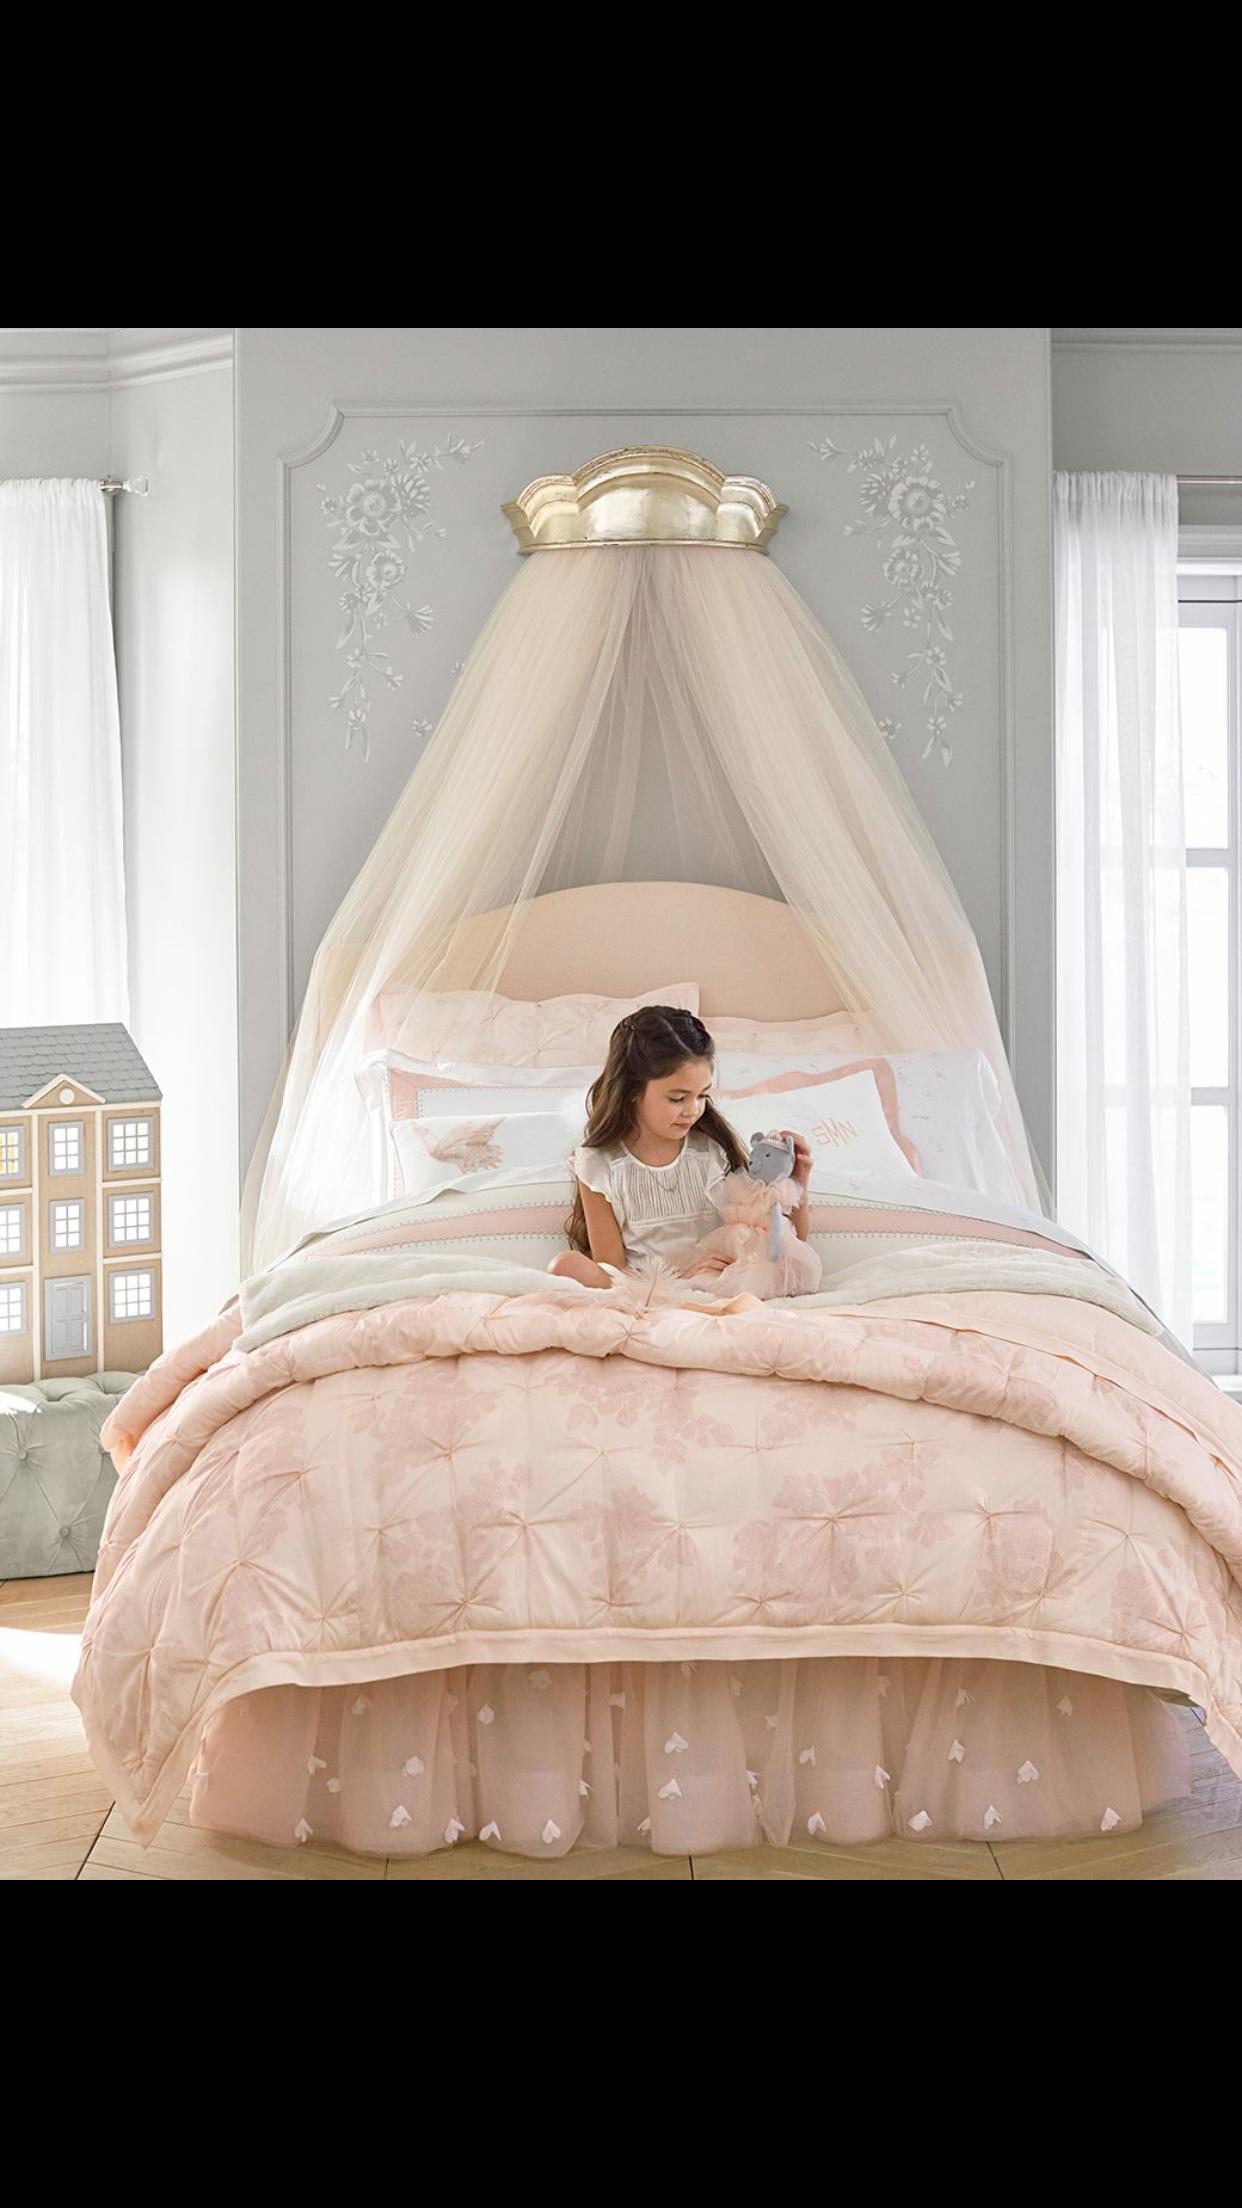 Shelby's Big Girl Bedroom Girly bedroom, Big girl